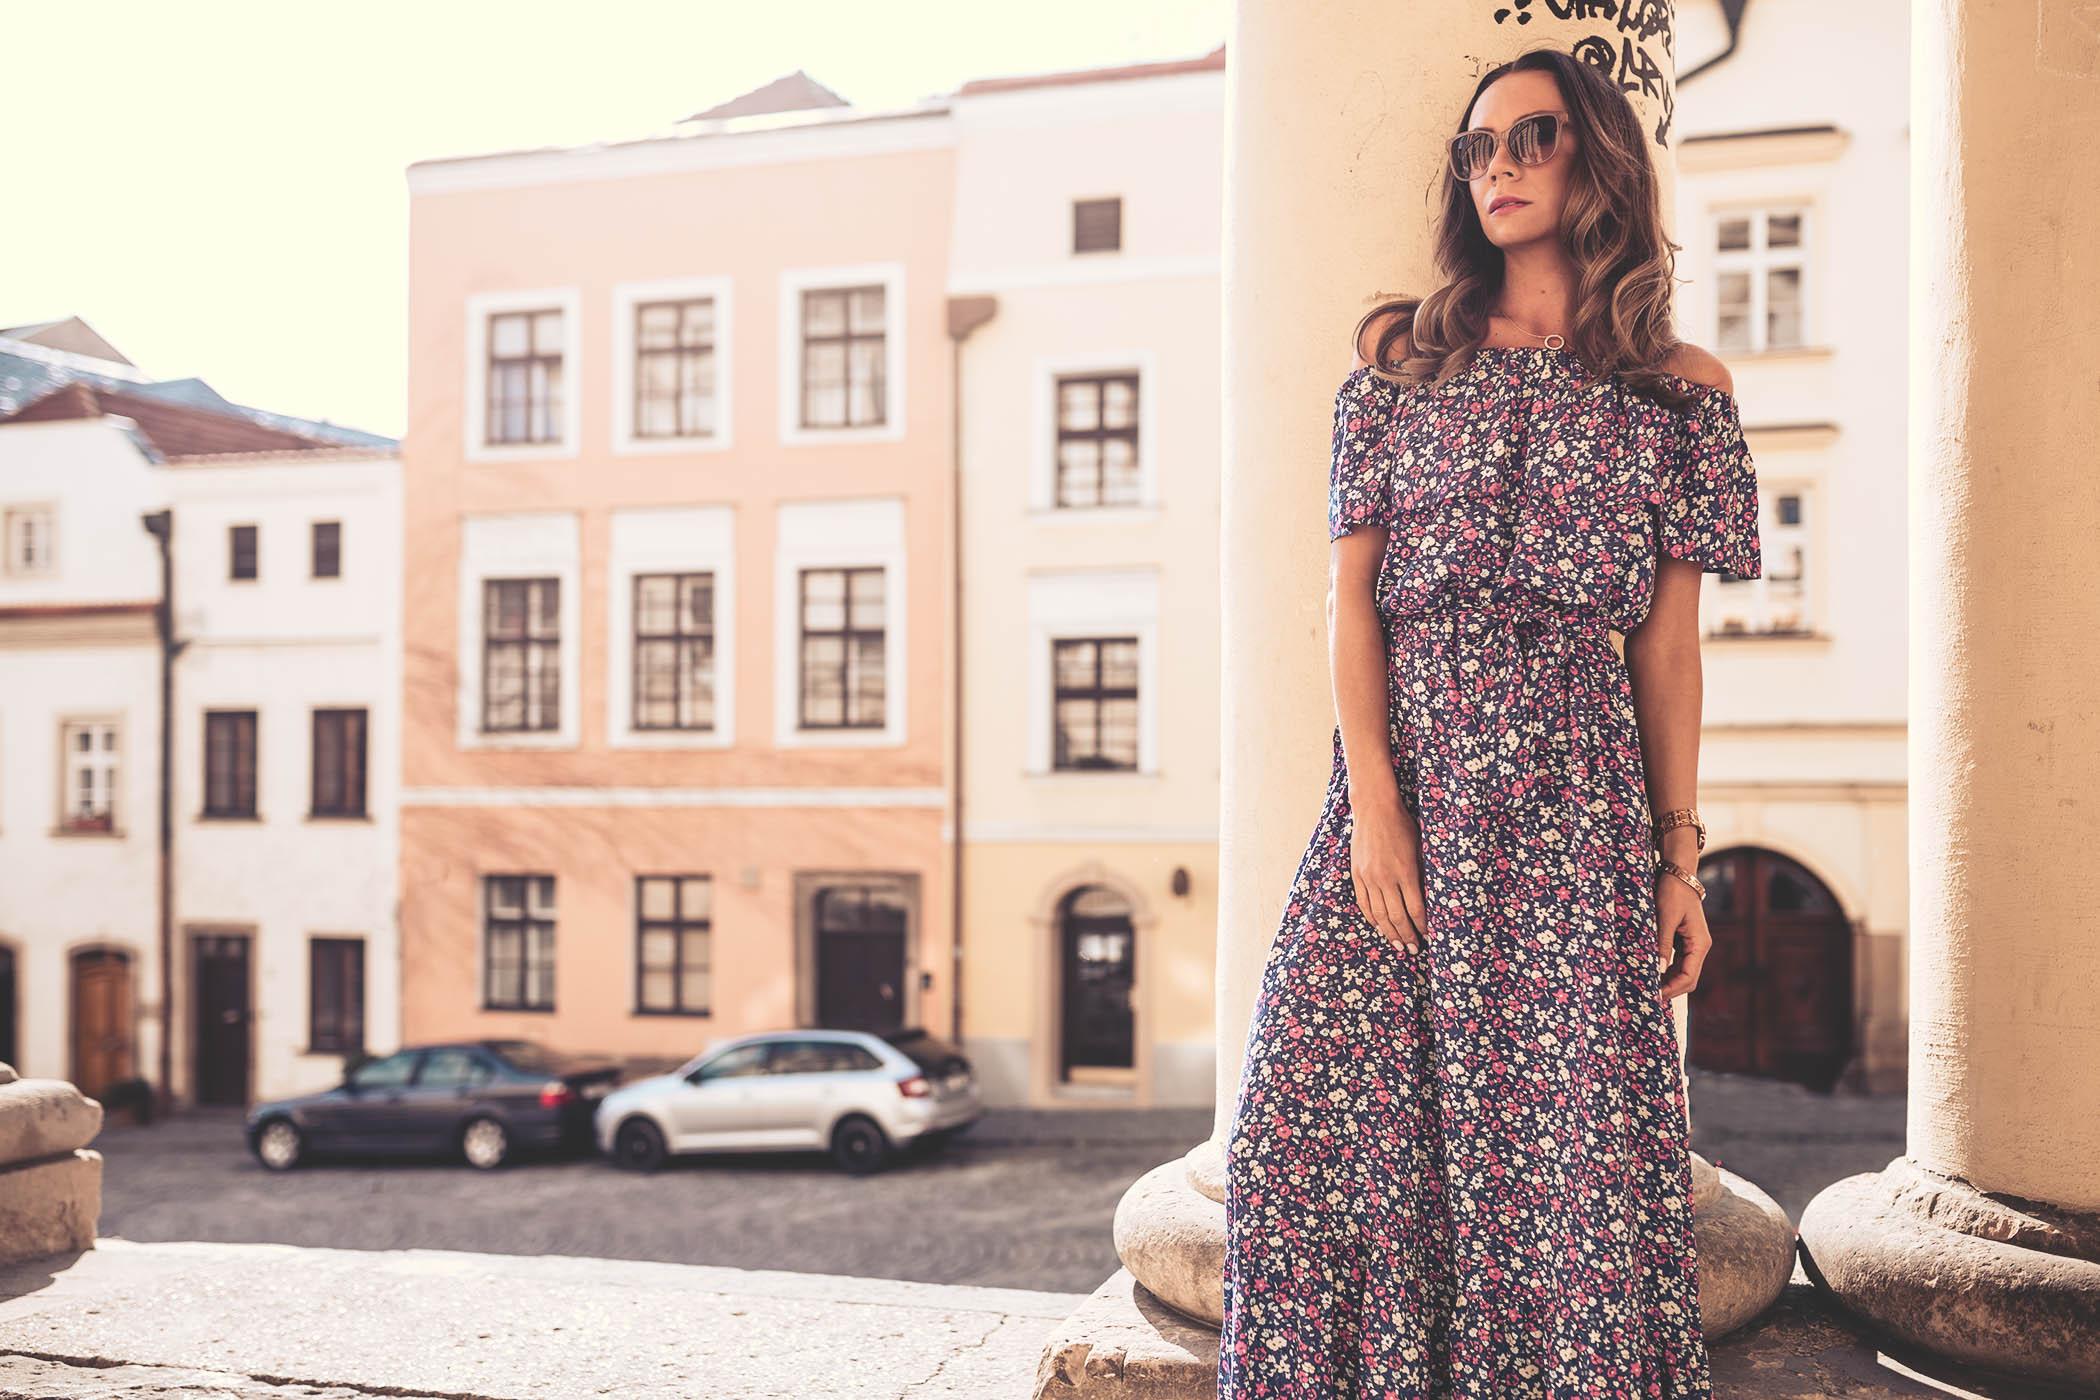 Ołomuniec, Olomouc, miasto Ołomuniec, Polanka fashion, sukienki w kwiaty, olivka blog